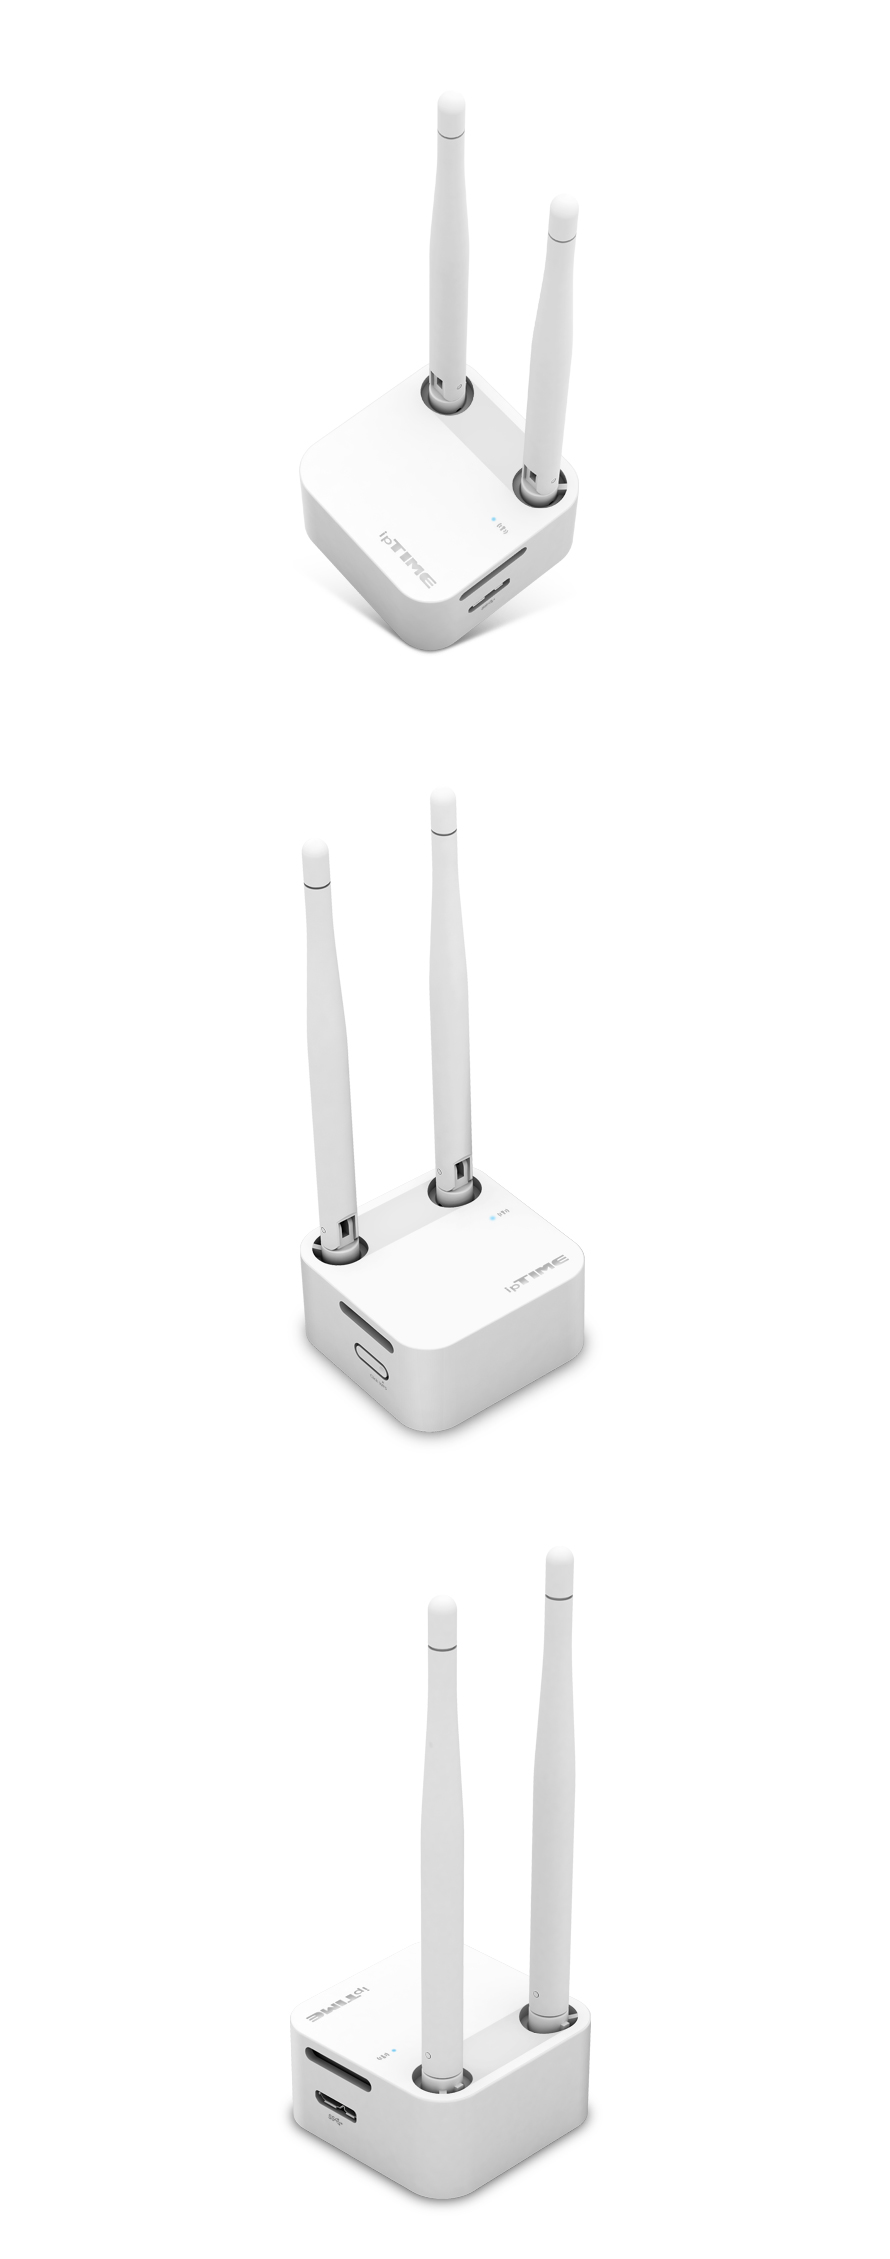 EFM ipTIME A3000UA-2 USB 3.0 무선랜카드